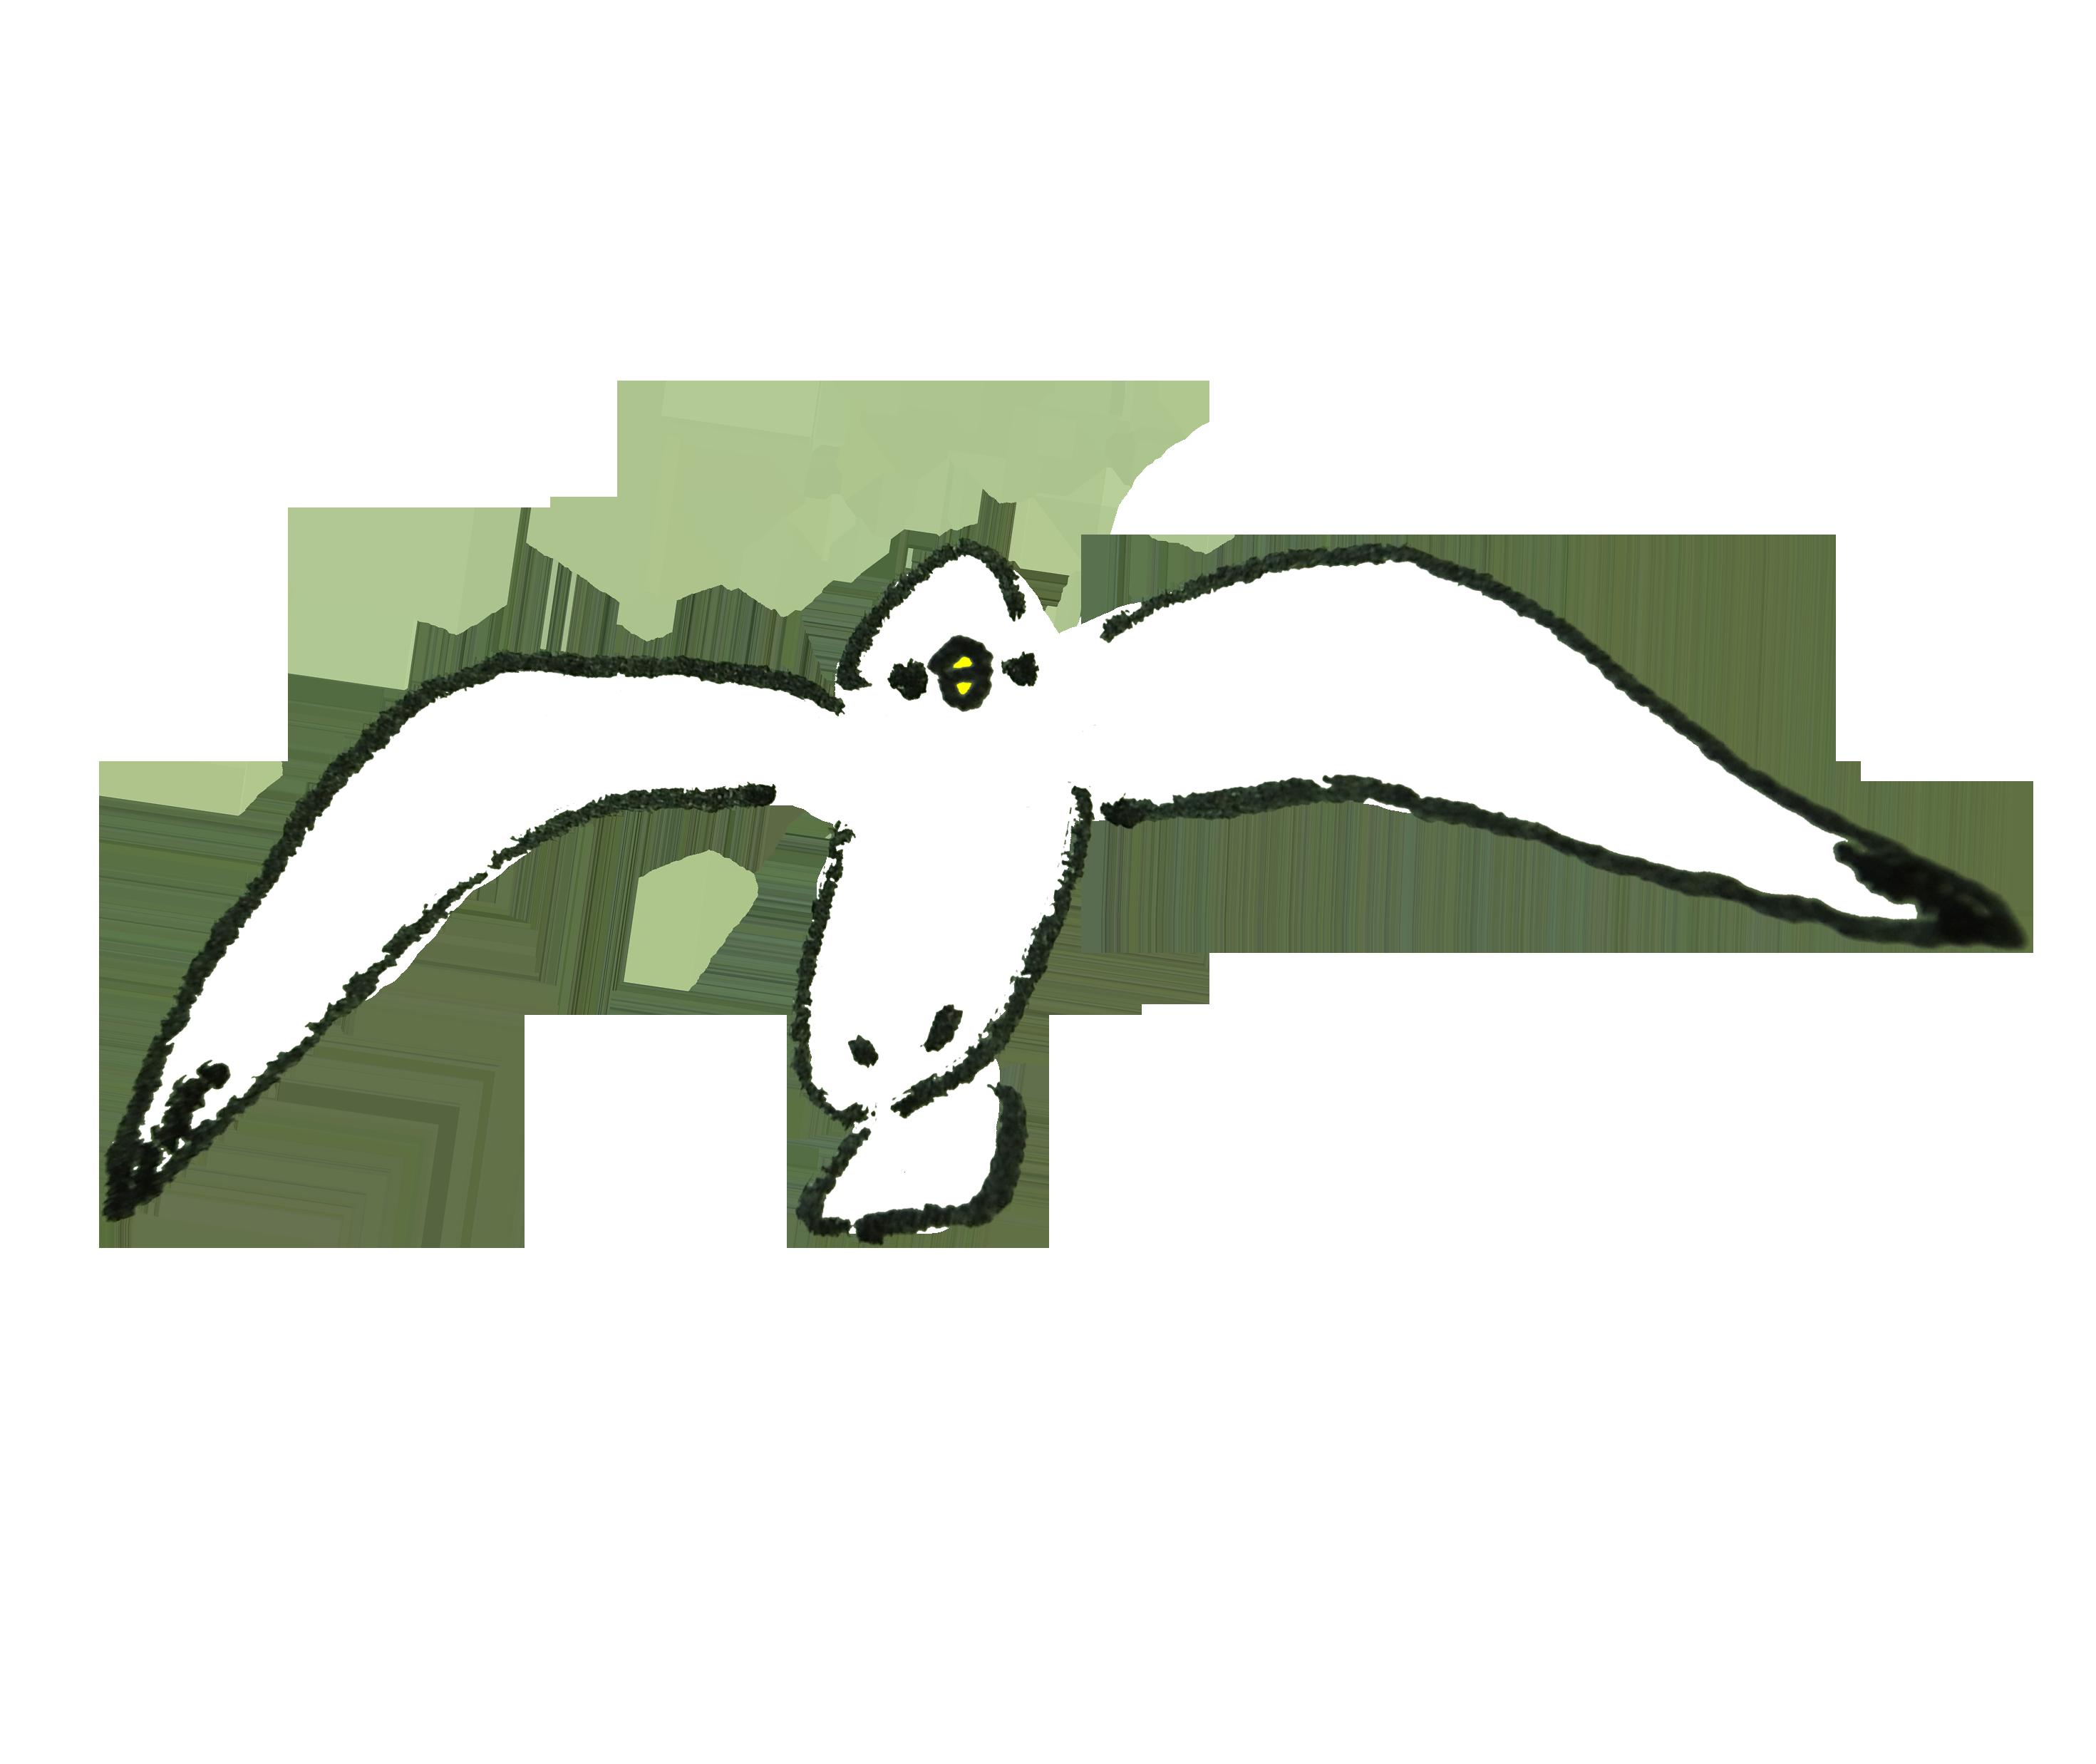 正面向いて飛ぶカモメ